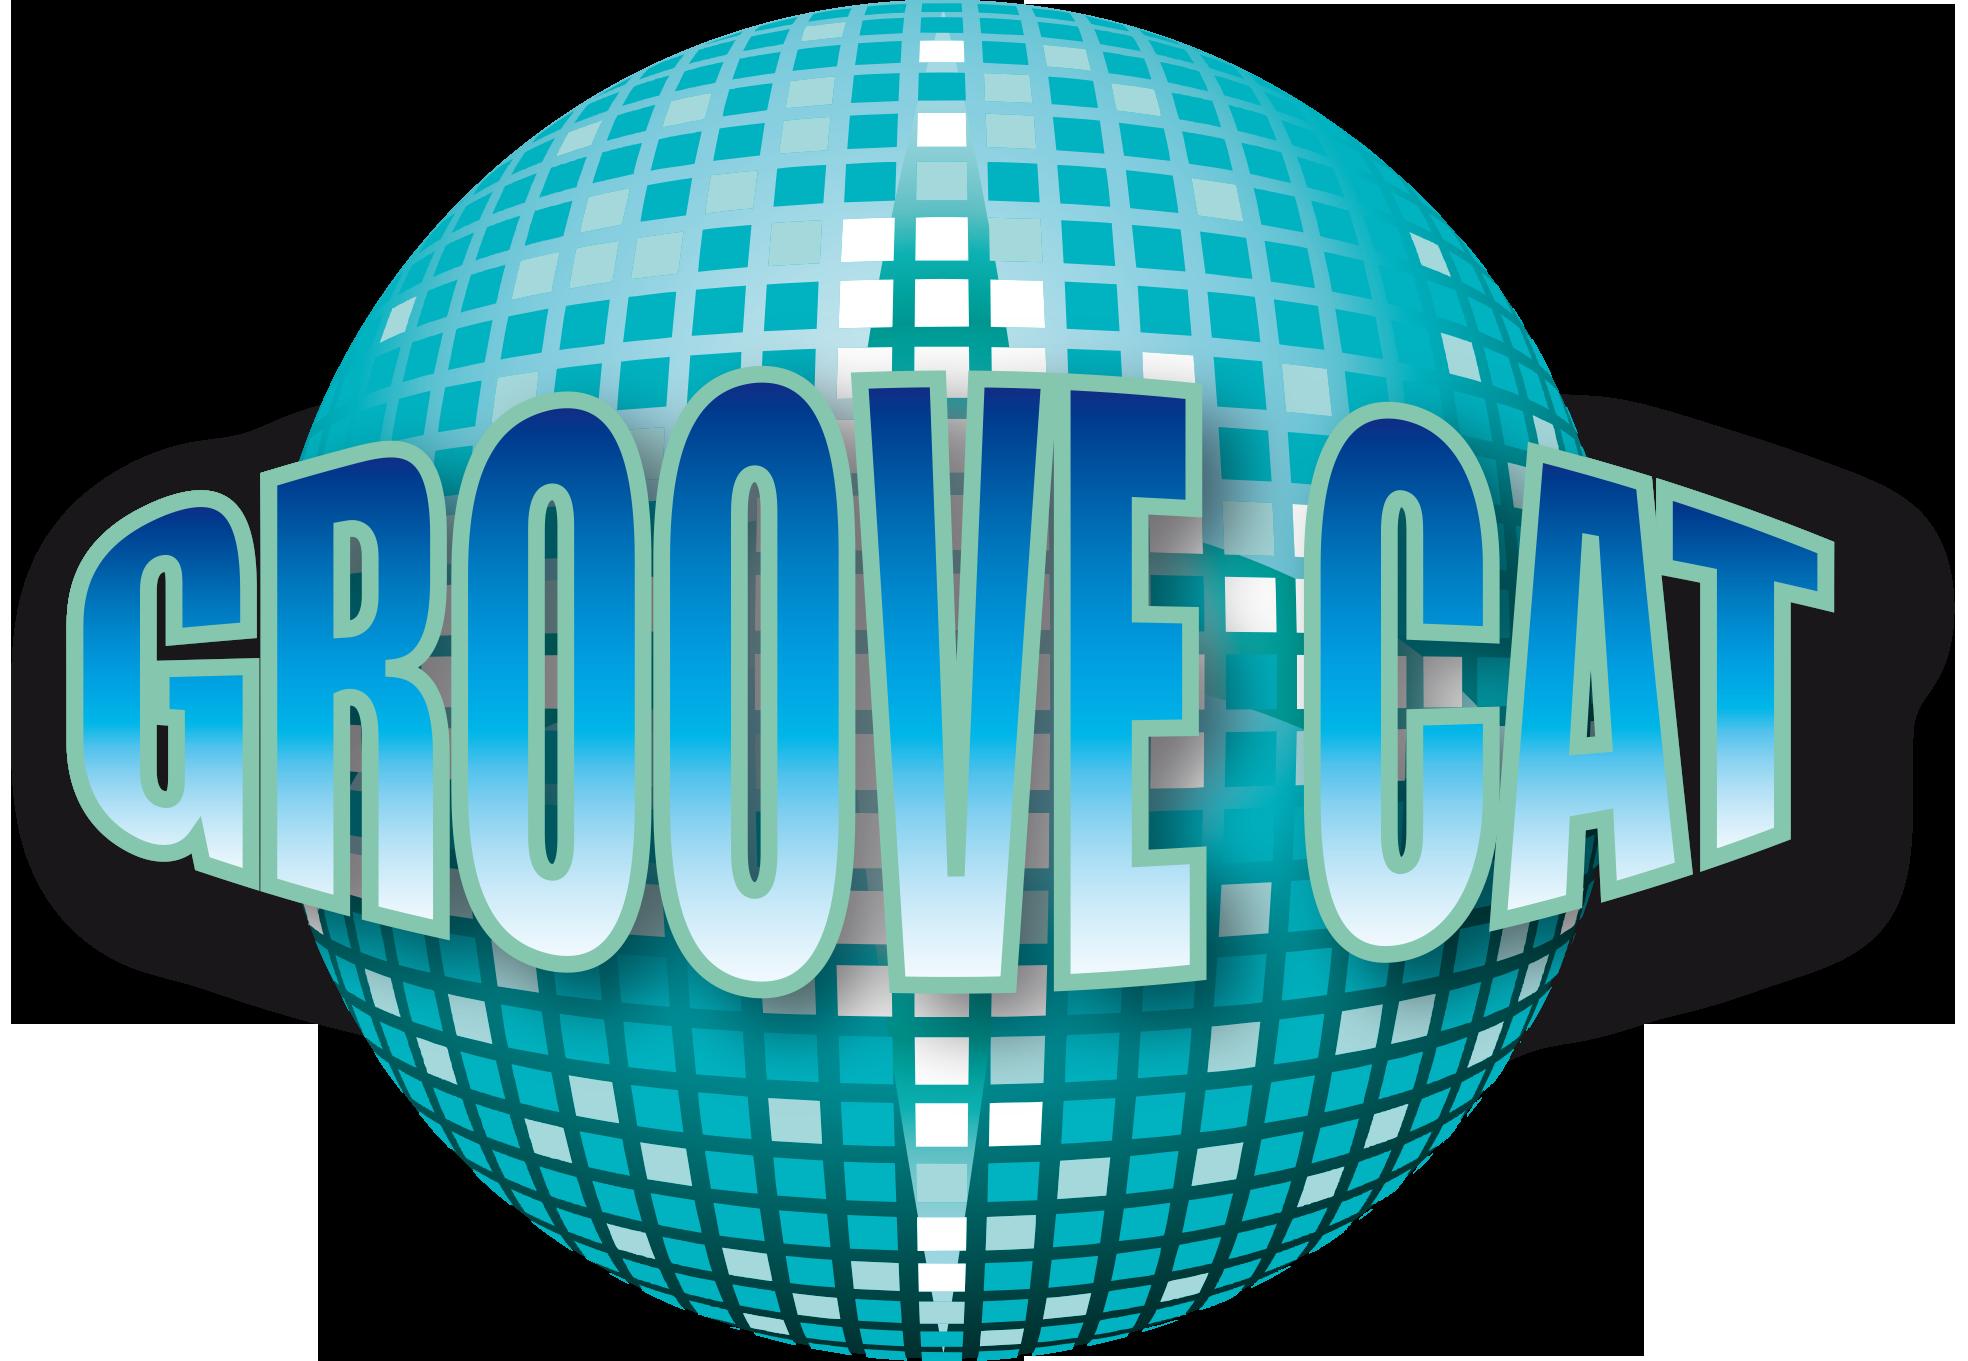 Groove Cat